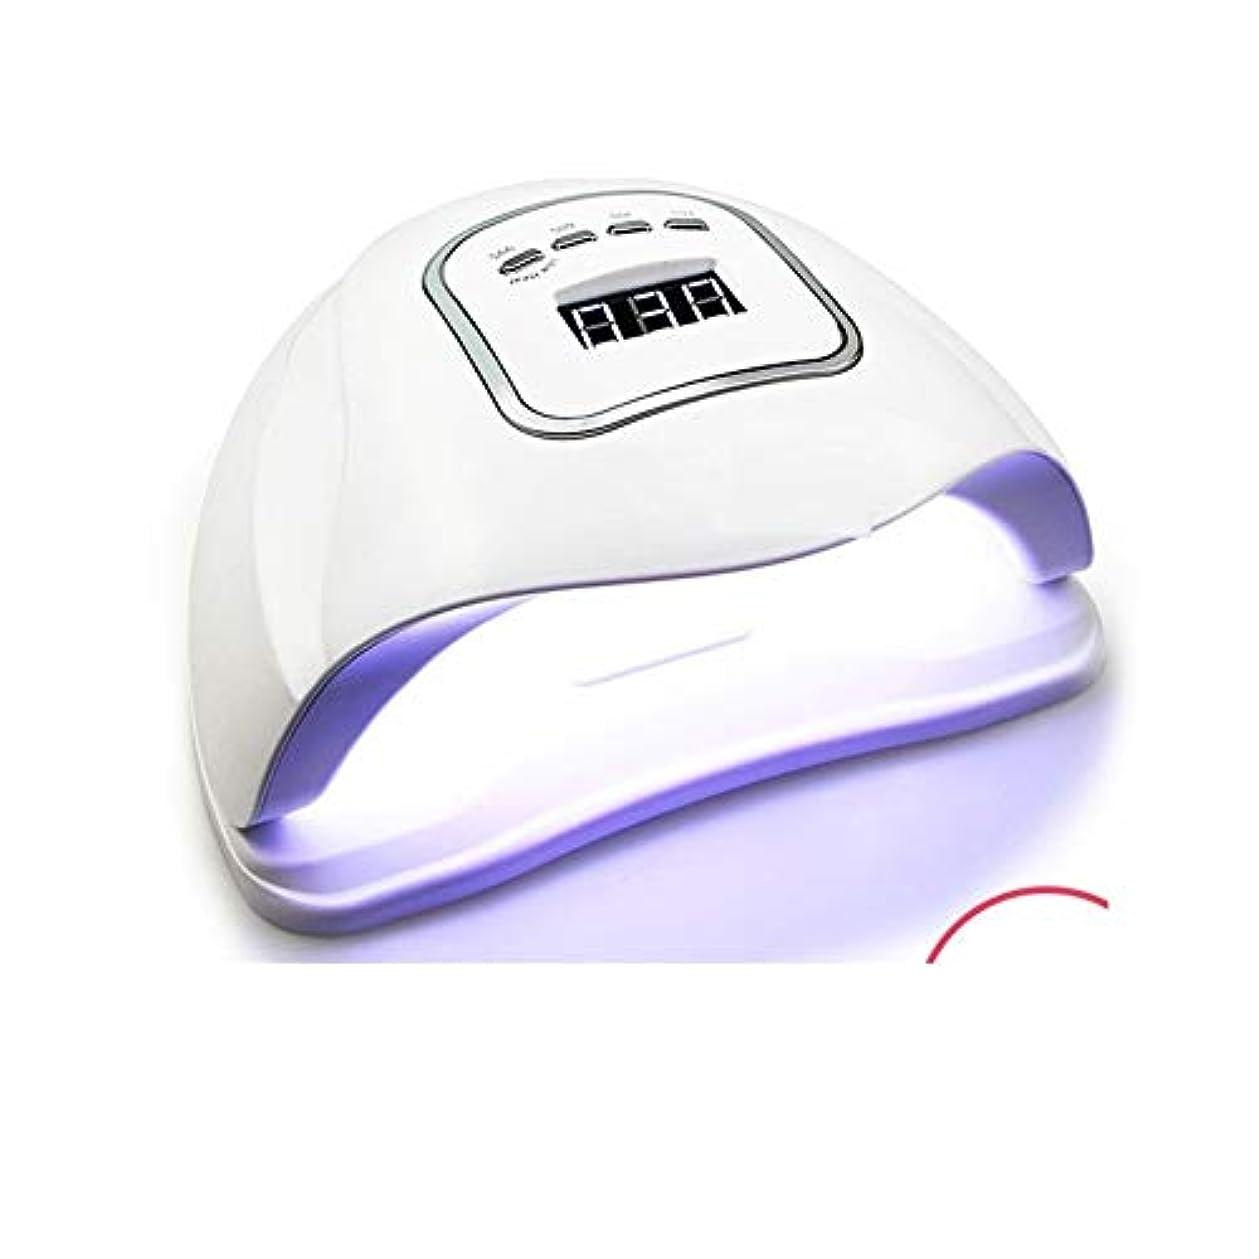 優越エジプト人を除くLittleCat ネイルセンサー120Wの熱ランプライトセラピー機ドライヤープラスチック速乾性ネイルポリッシュ工作機械のLEDライト (色 : American standard flat plug)